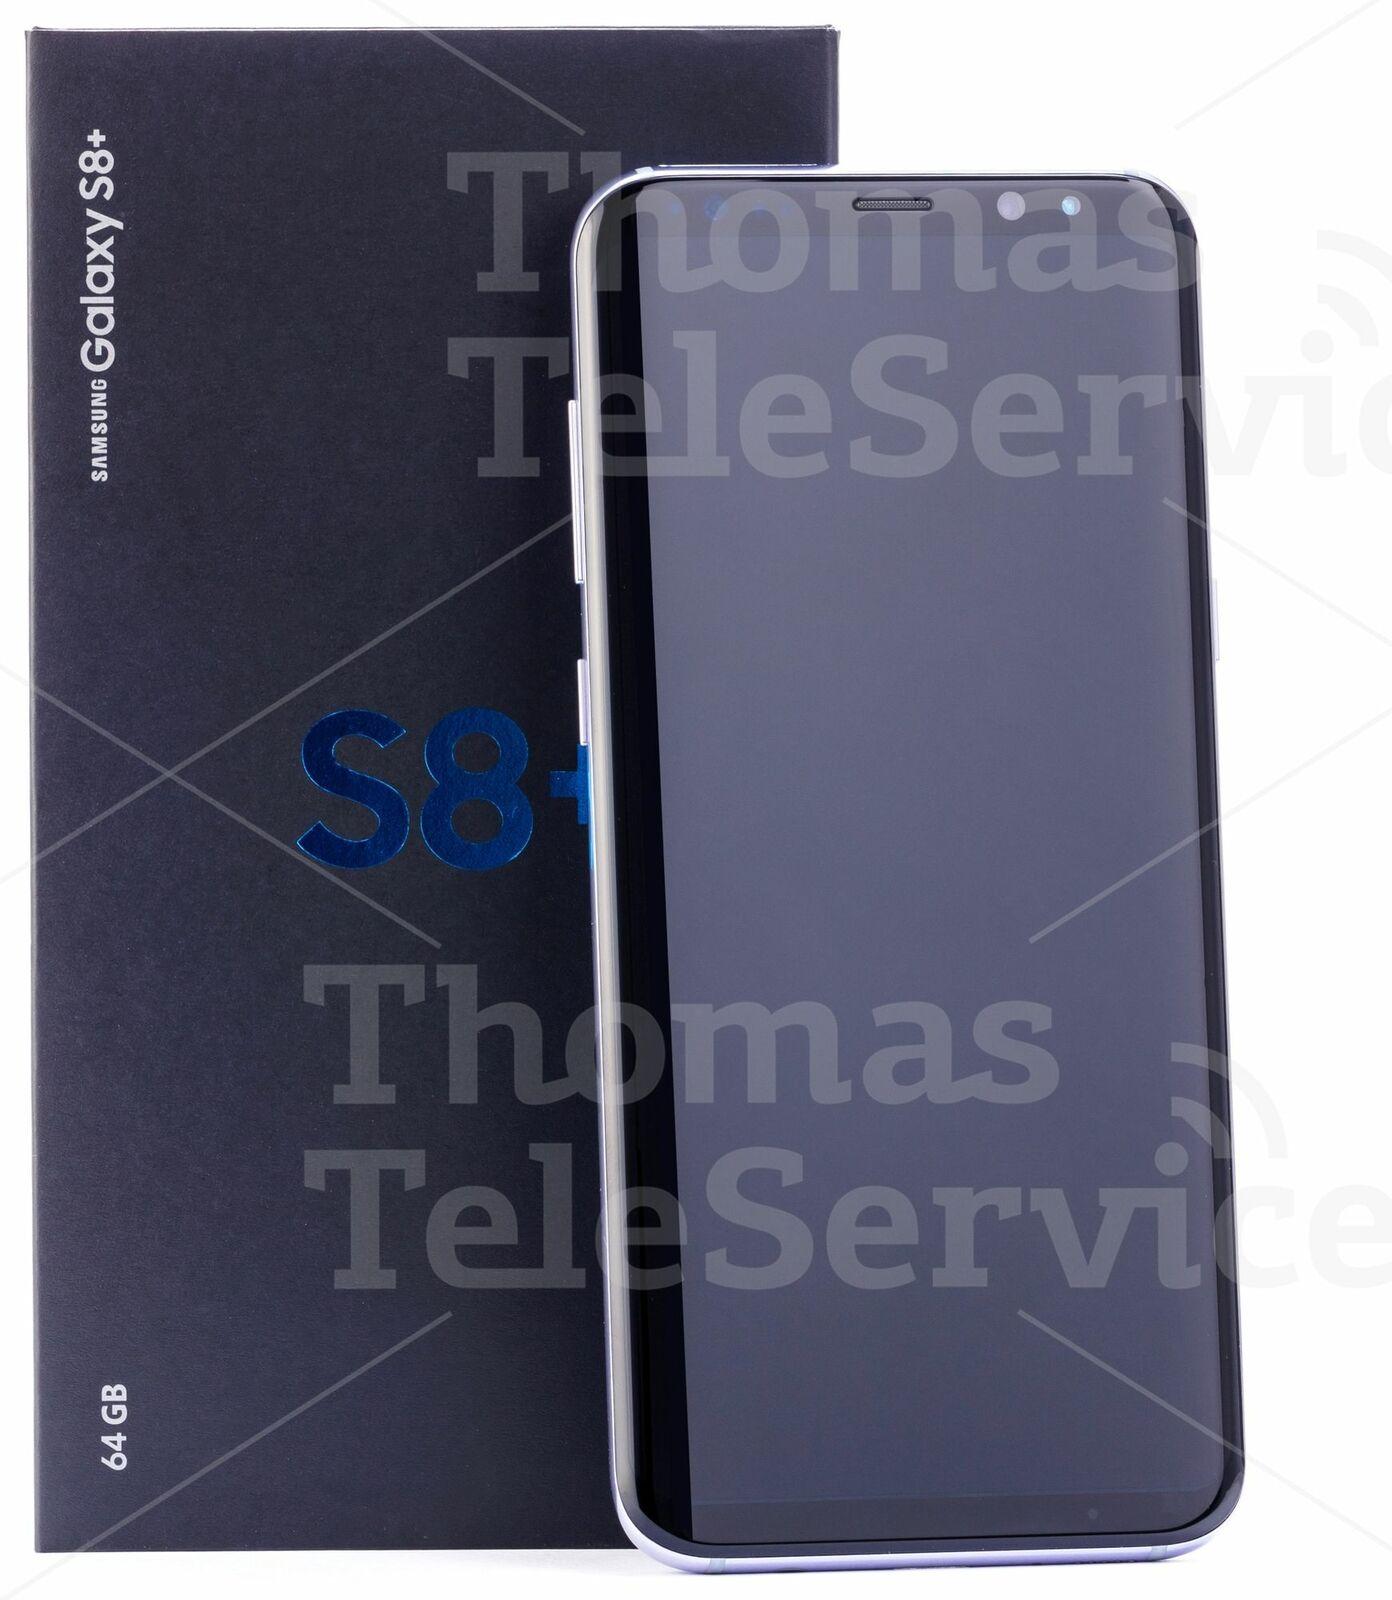 Samsung Galaxy S8 Plus G955f Grey Grau Smartphone Handy Android HD Neu OVP